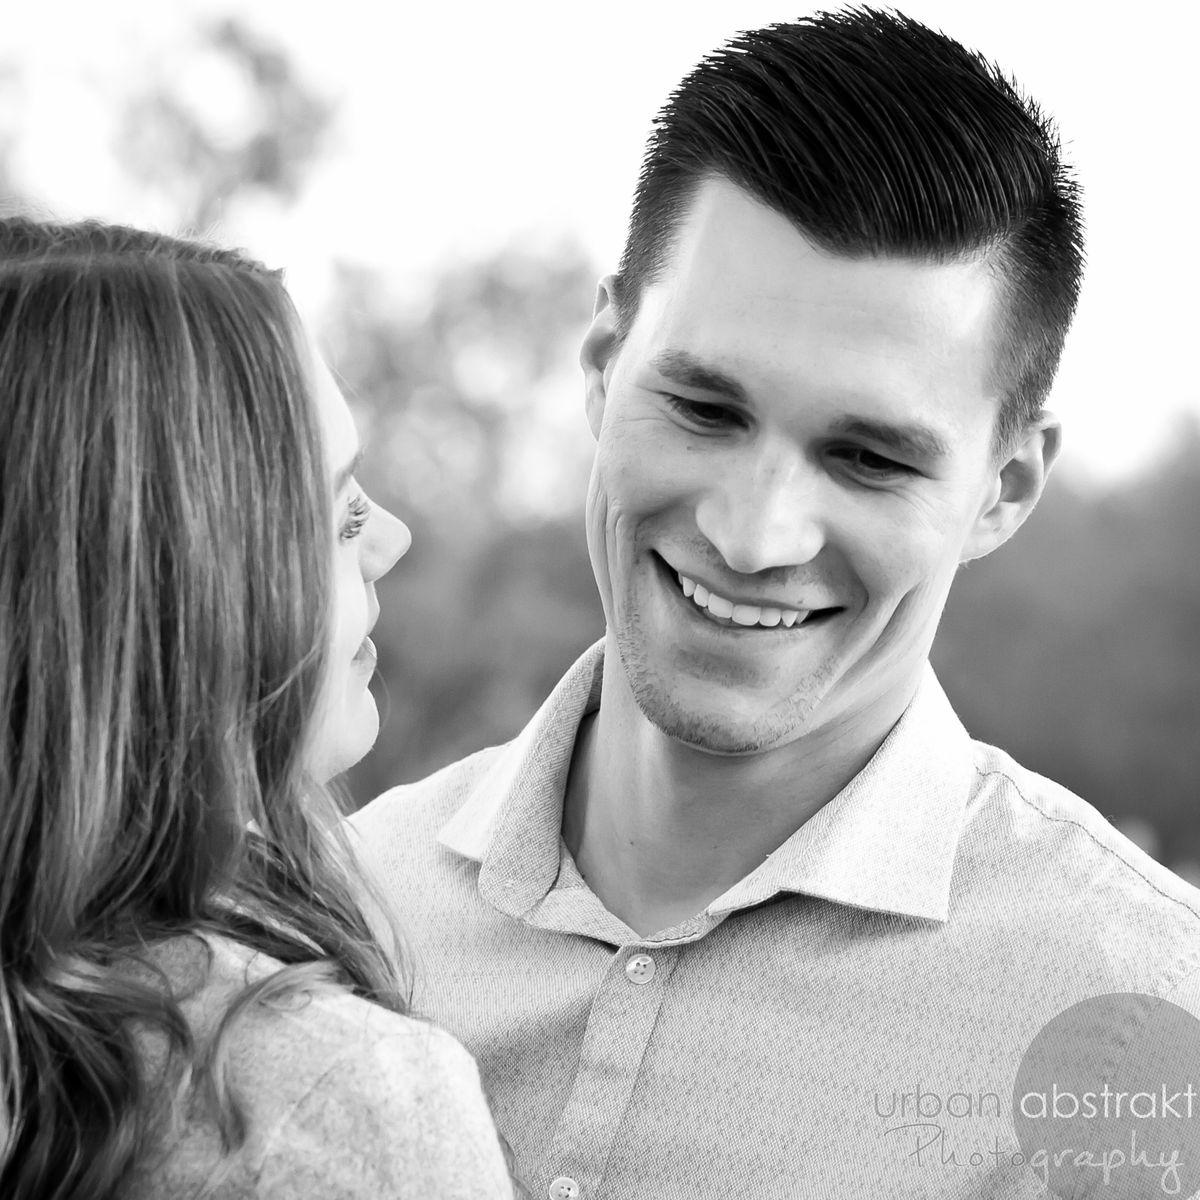 Tucson couples engagement portrait photography